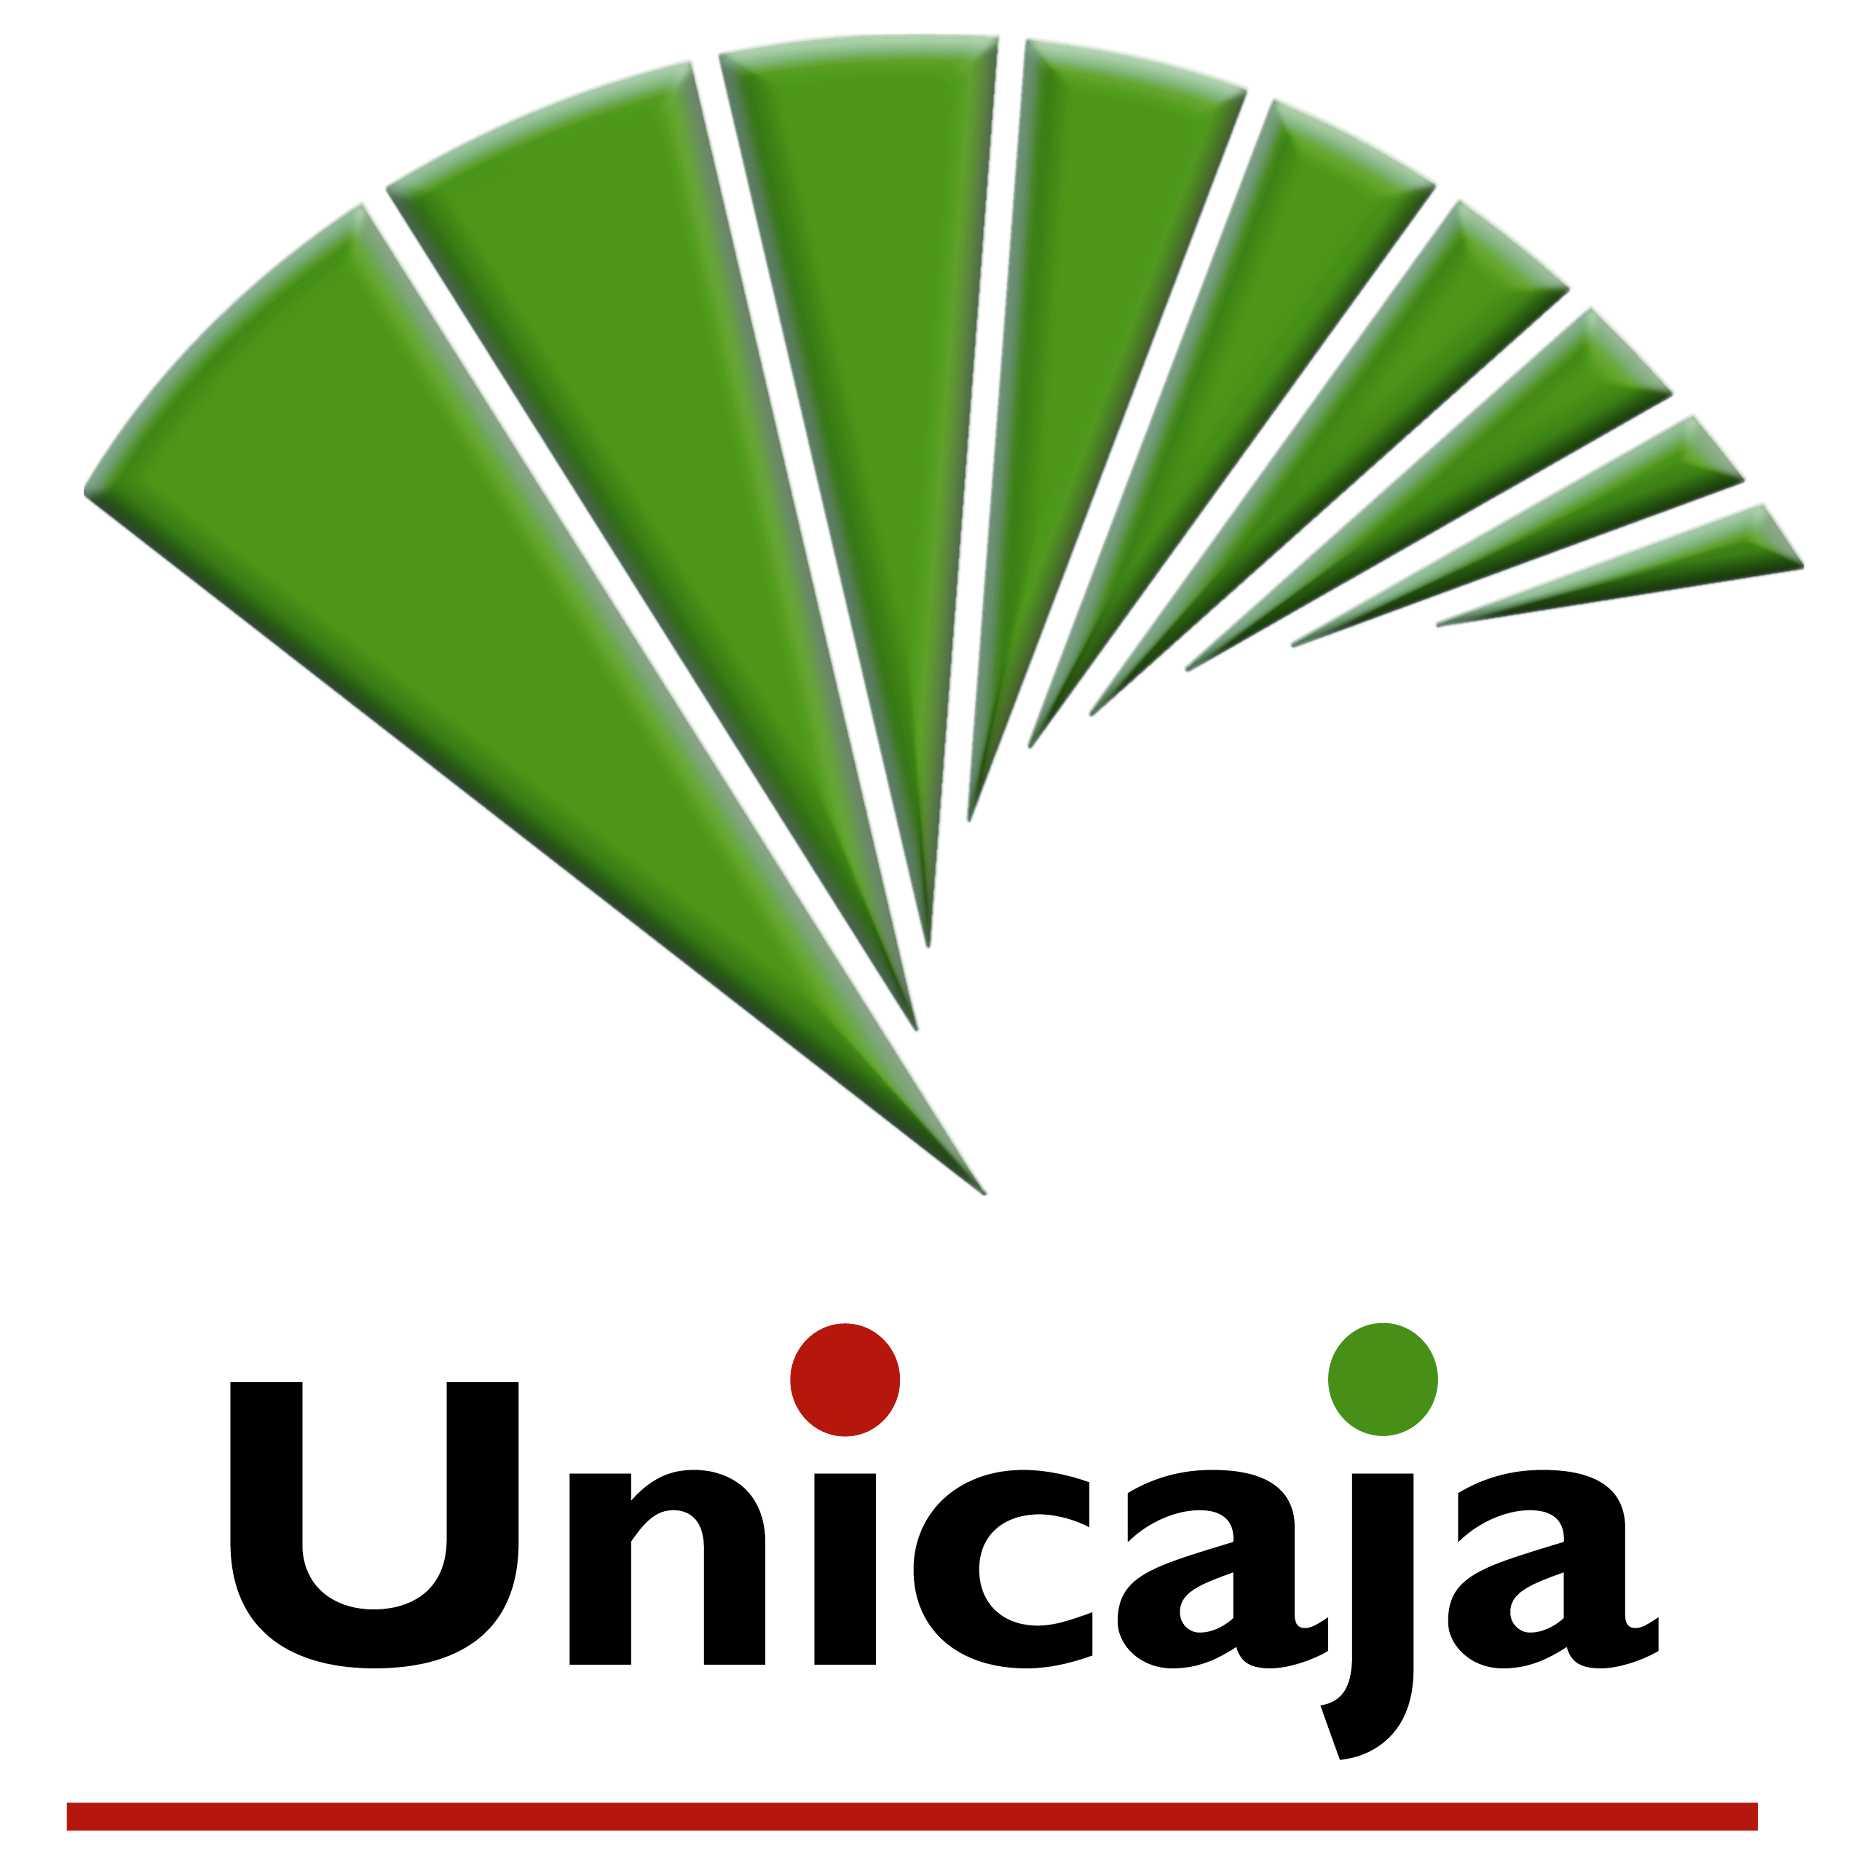 El Grupo Unicaja Banco obtiene un resultado consolidado de 184 millones de euros en el ejercicio 2015